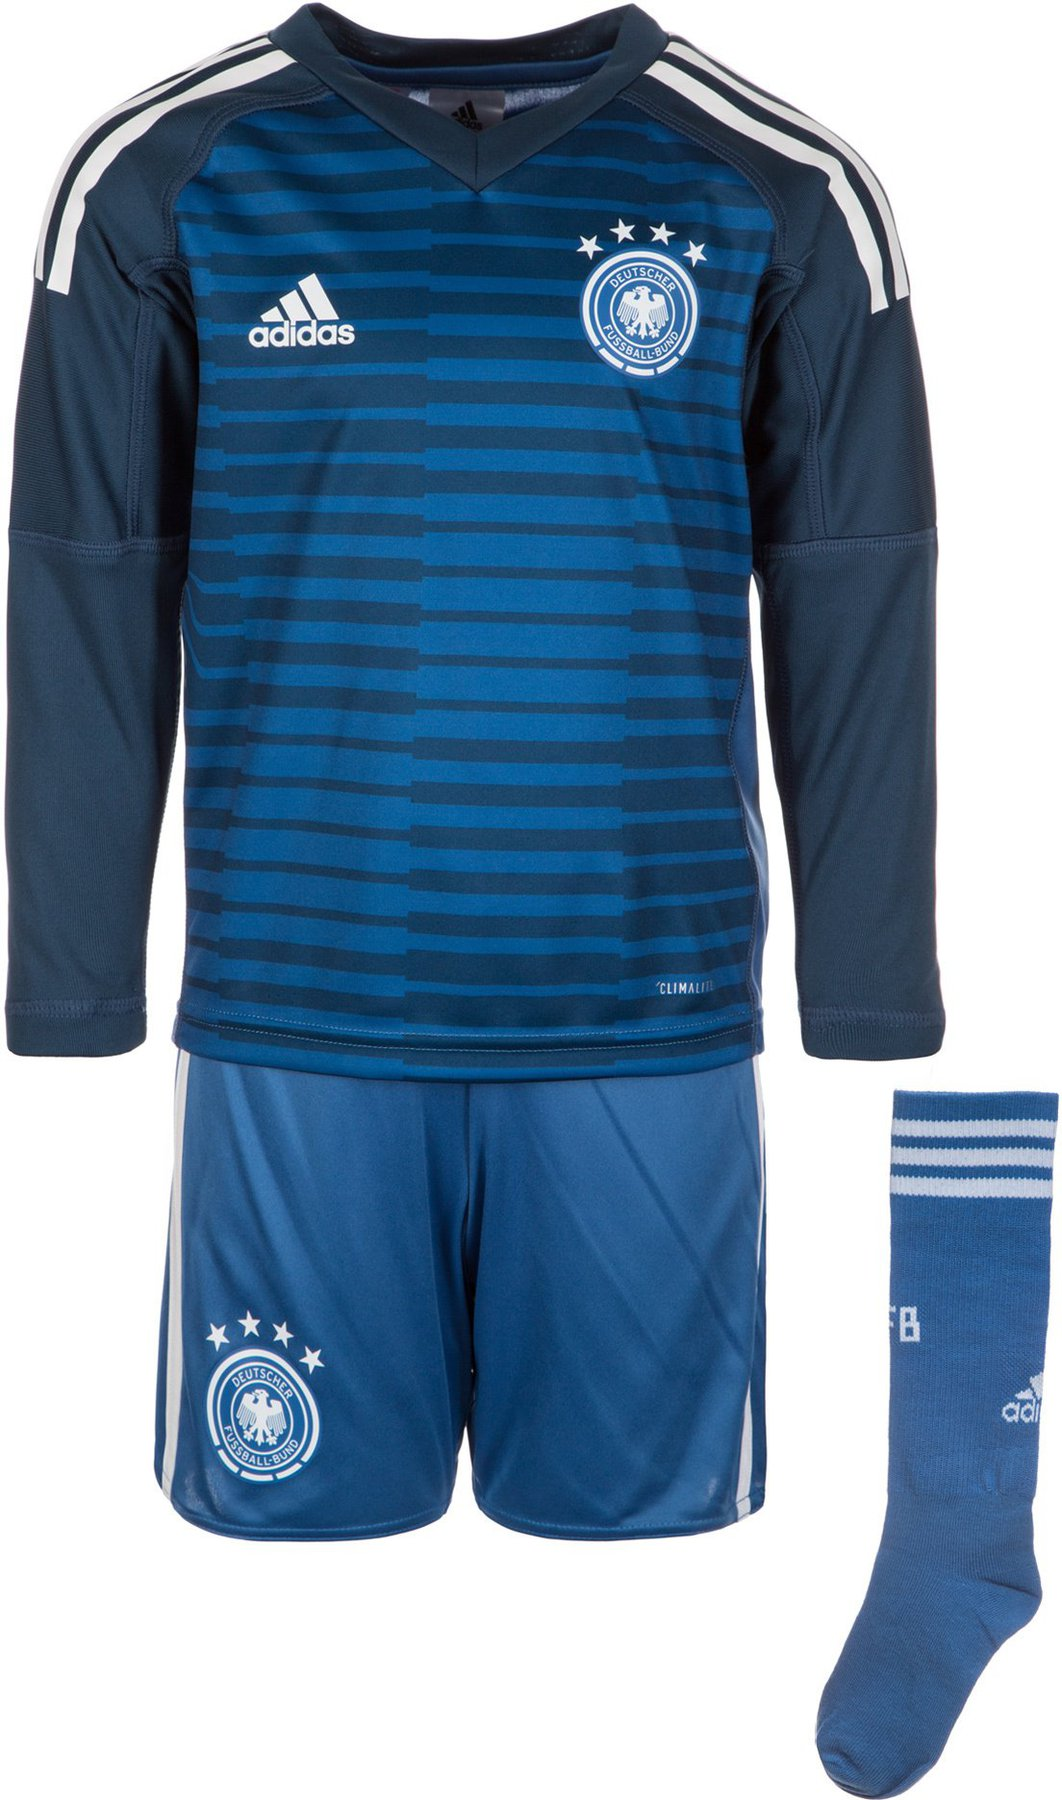 adidas DFB Deutschland Torwart Minikit Heimtrikot WM 2018 blau weiß